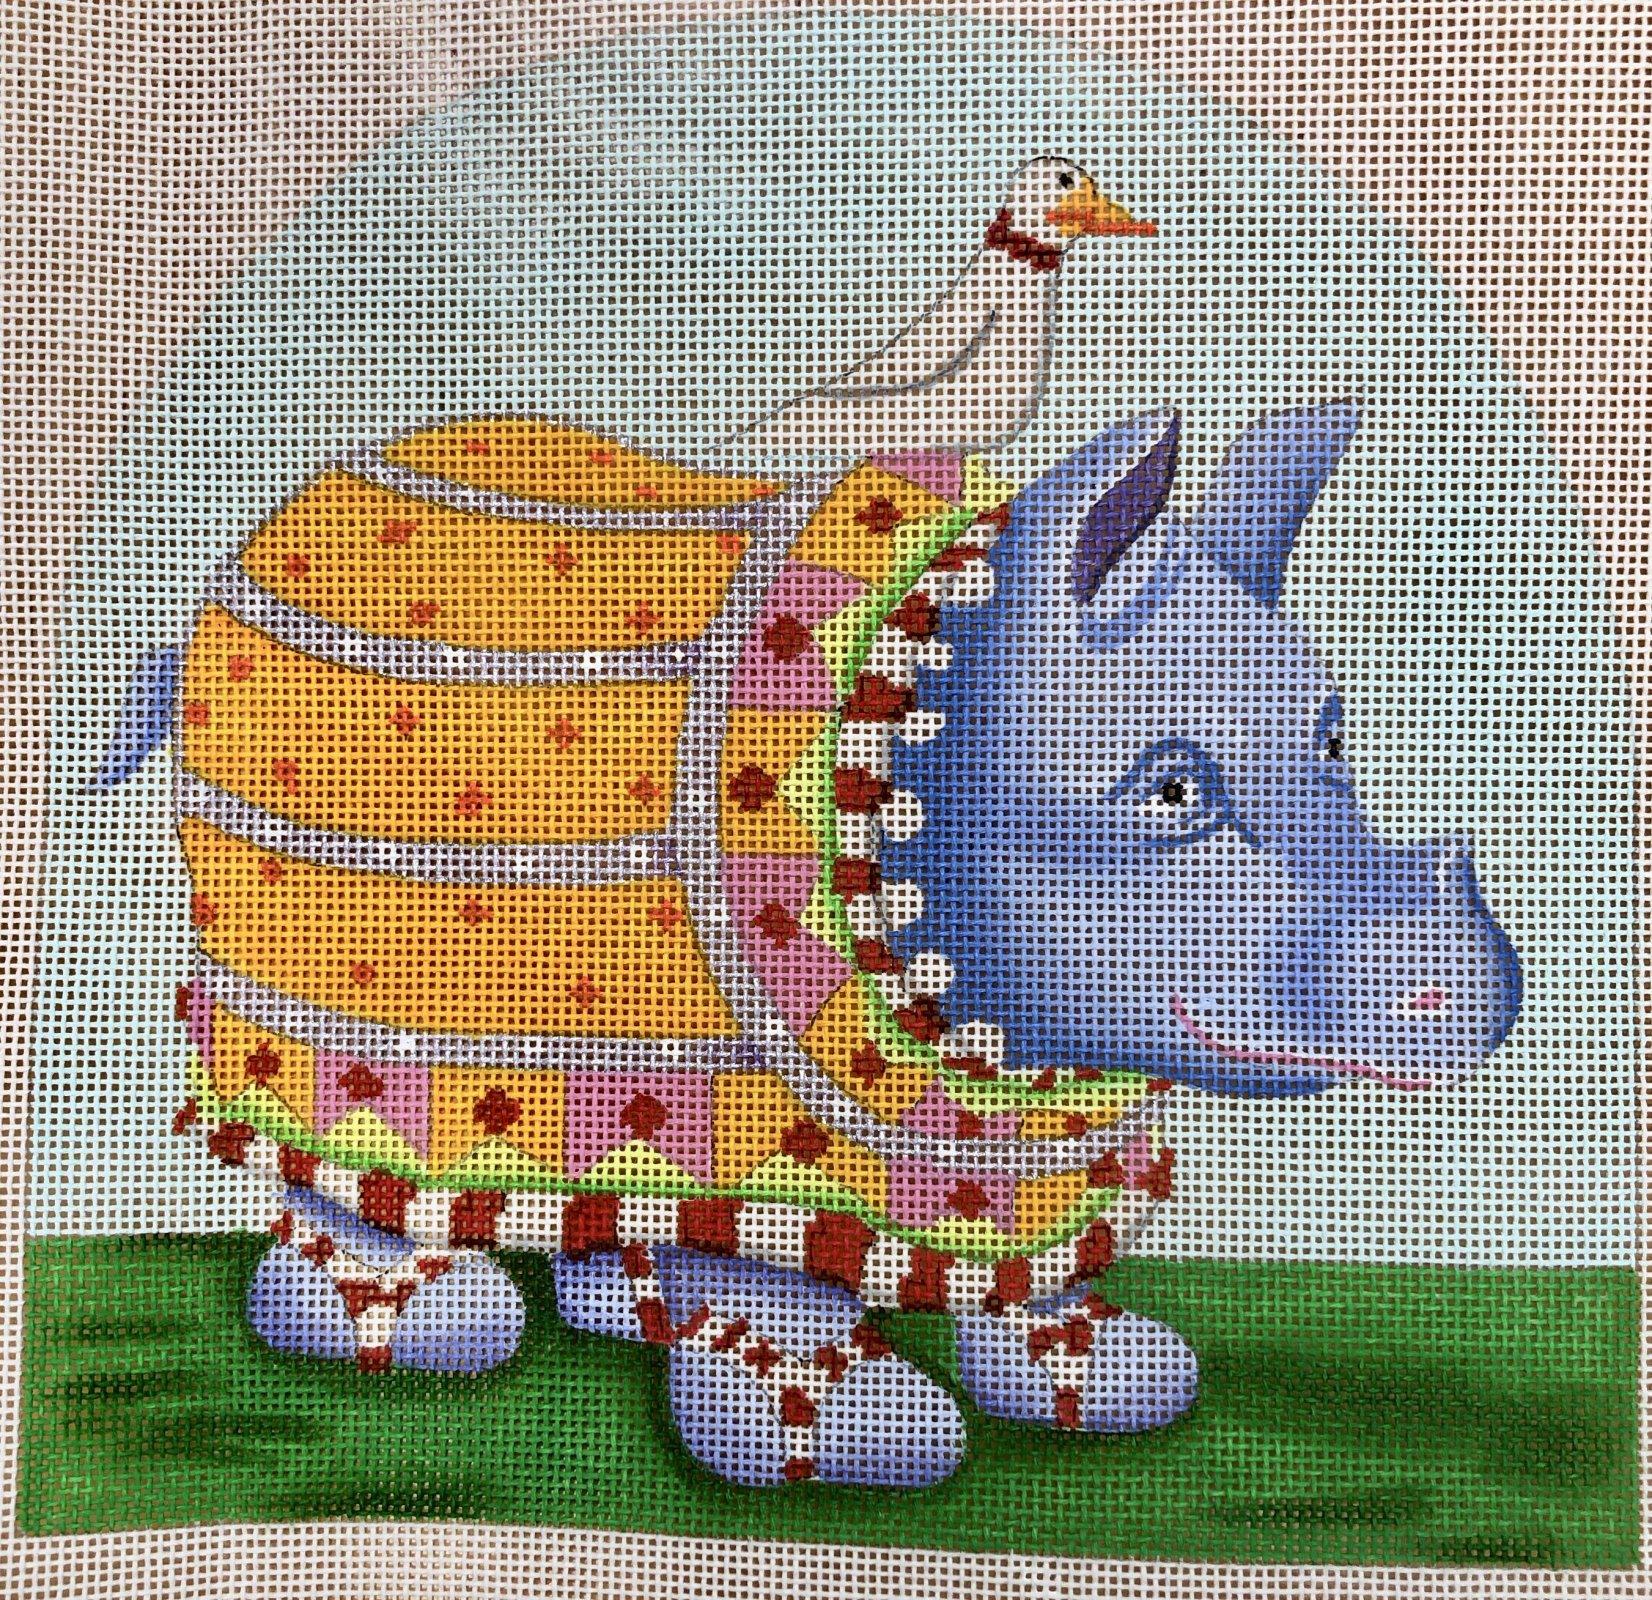 ralph rhino